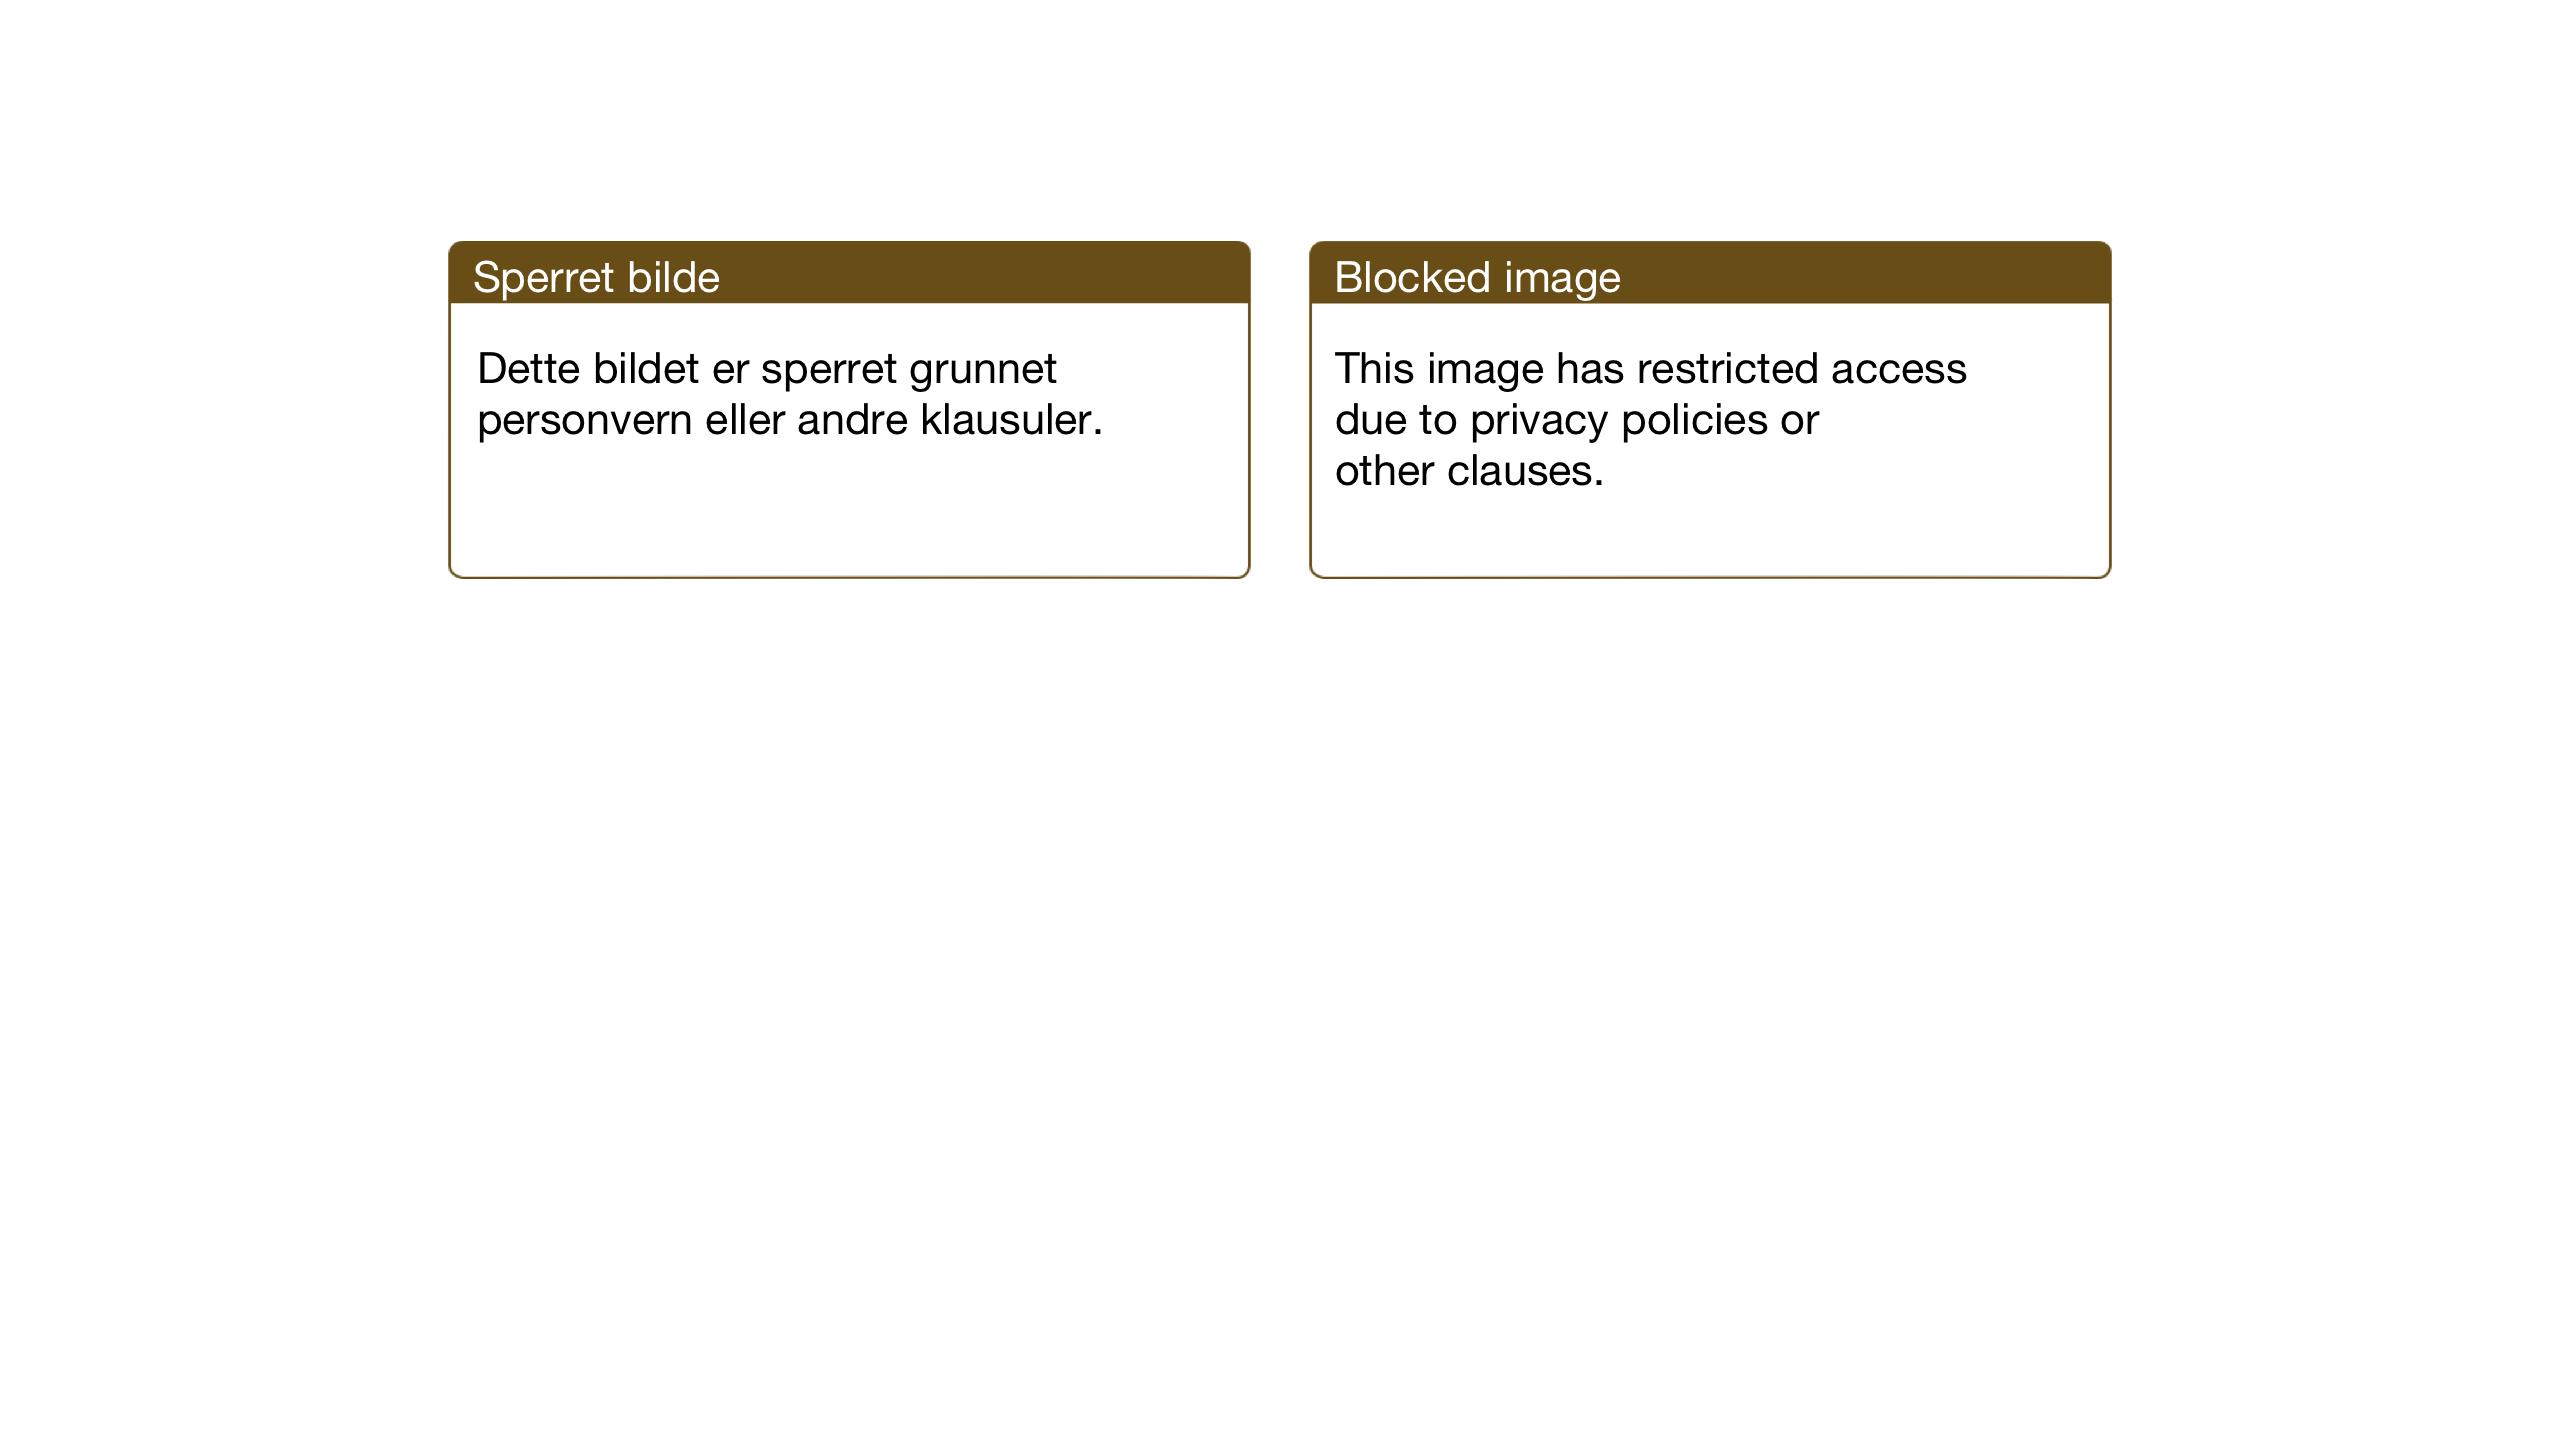 SAT, Ministerialprotokoller, klokkerbøker og fødselsregistre - Nord-Trøndelag, 770/L0592: Klokkerbok nr. 770C03, 1941-1950, s. 13